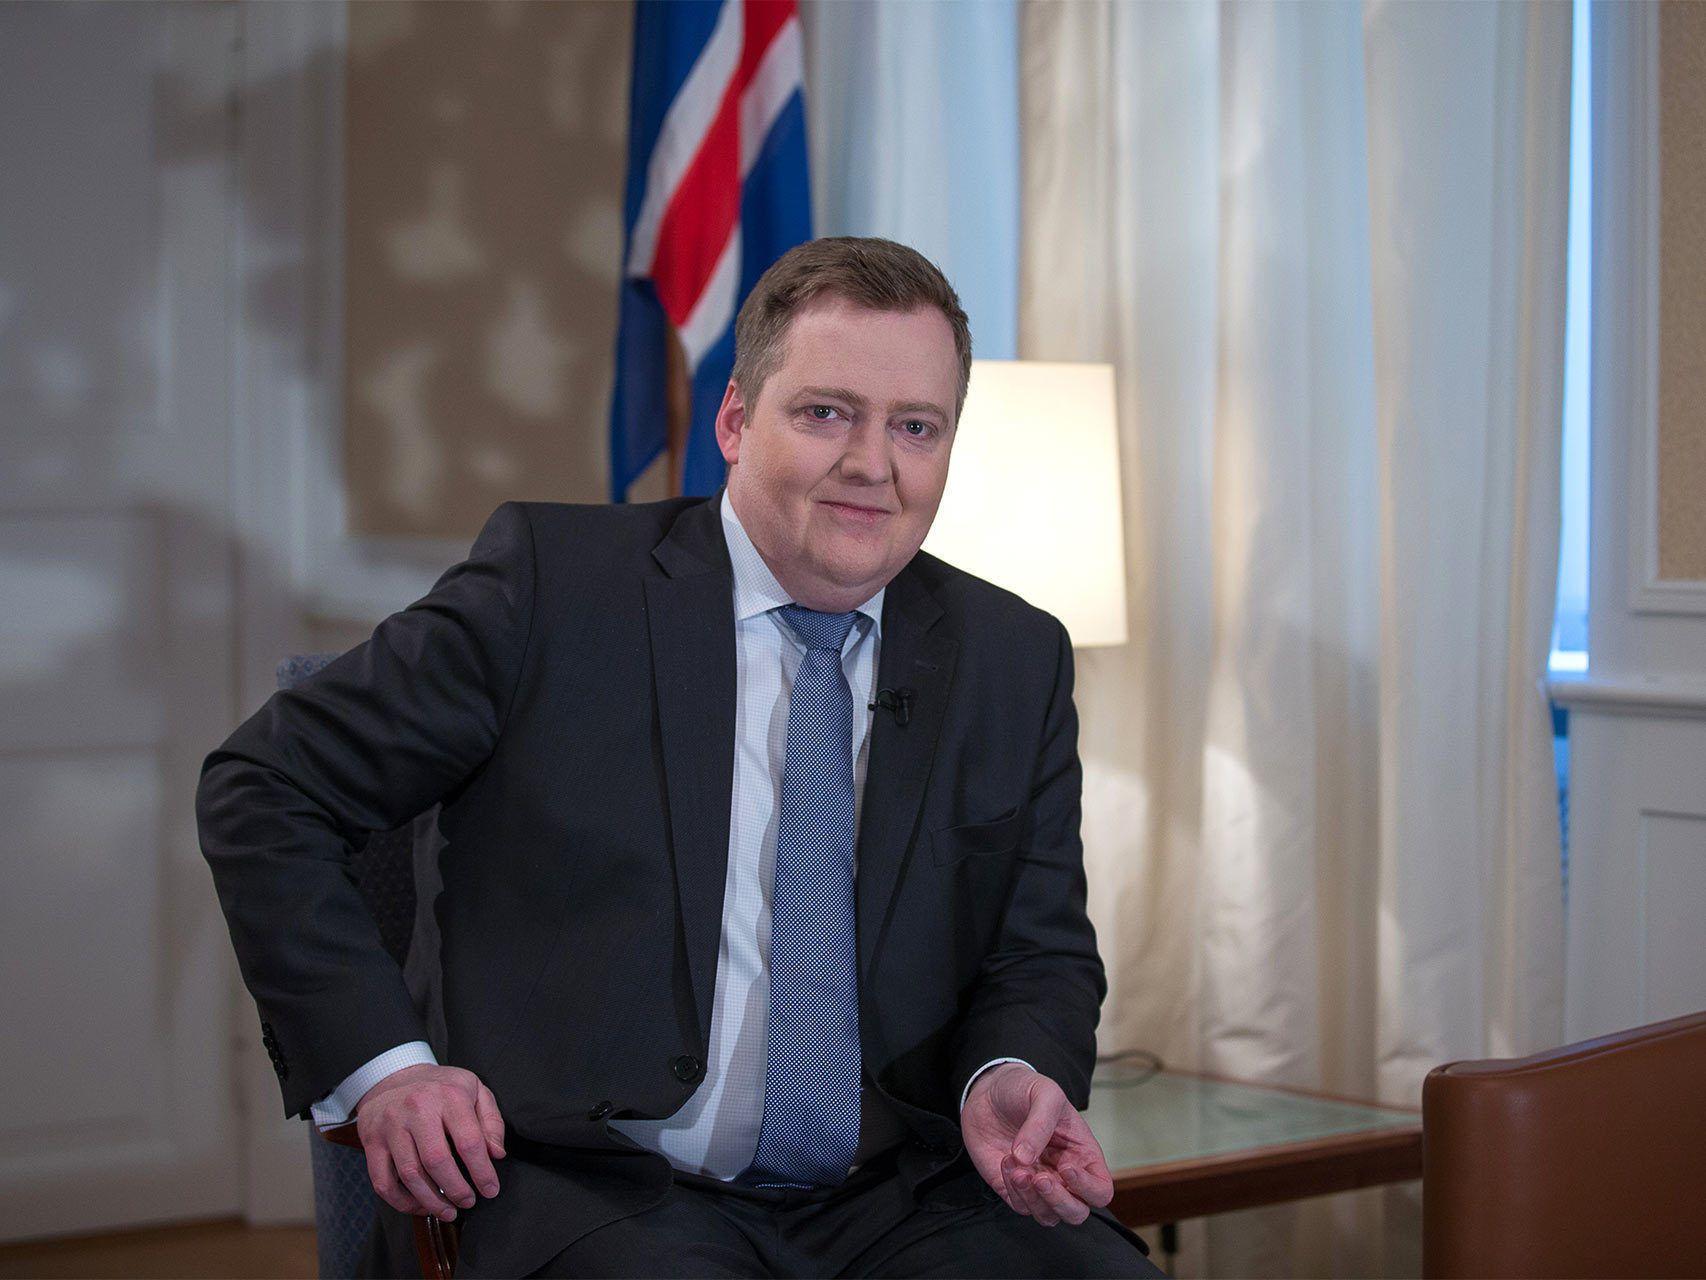 #PanamáPapers: multitudinaria protesta en Islandia contra su primer ministro